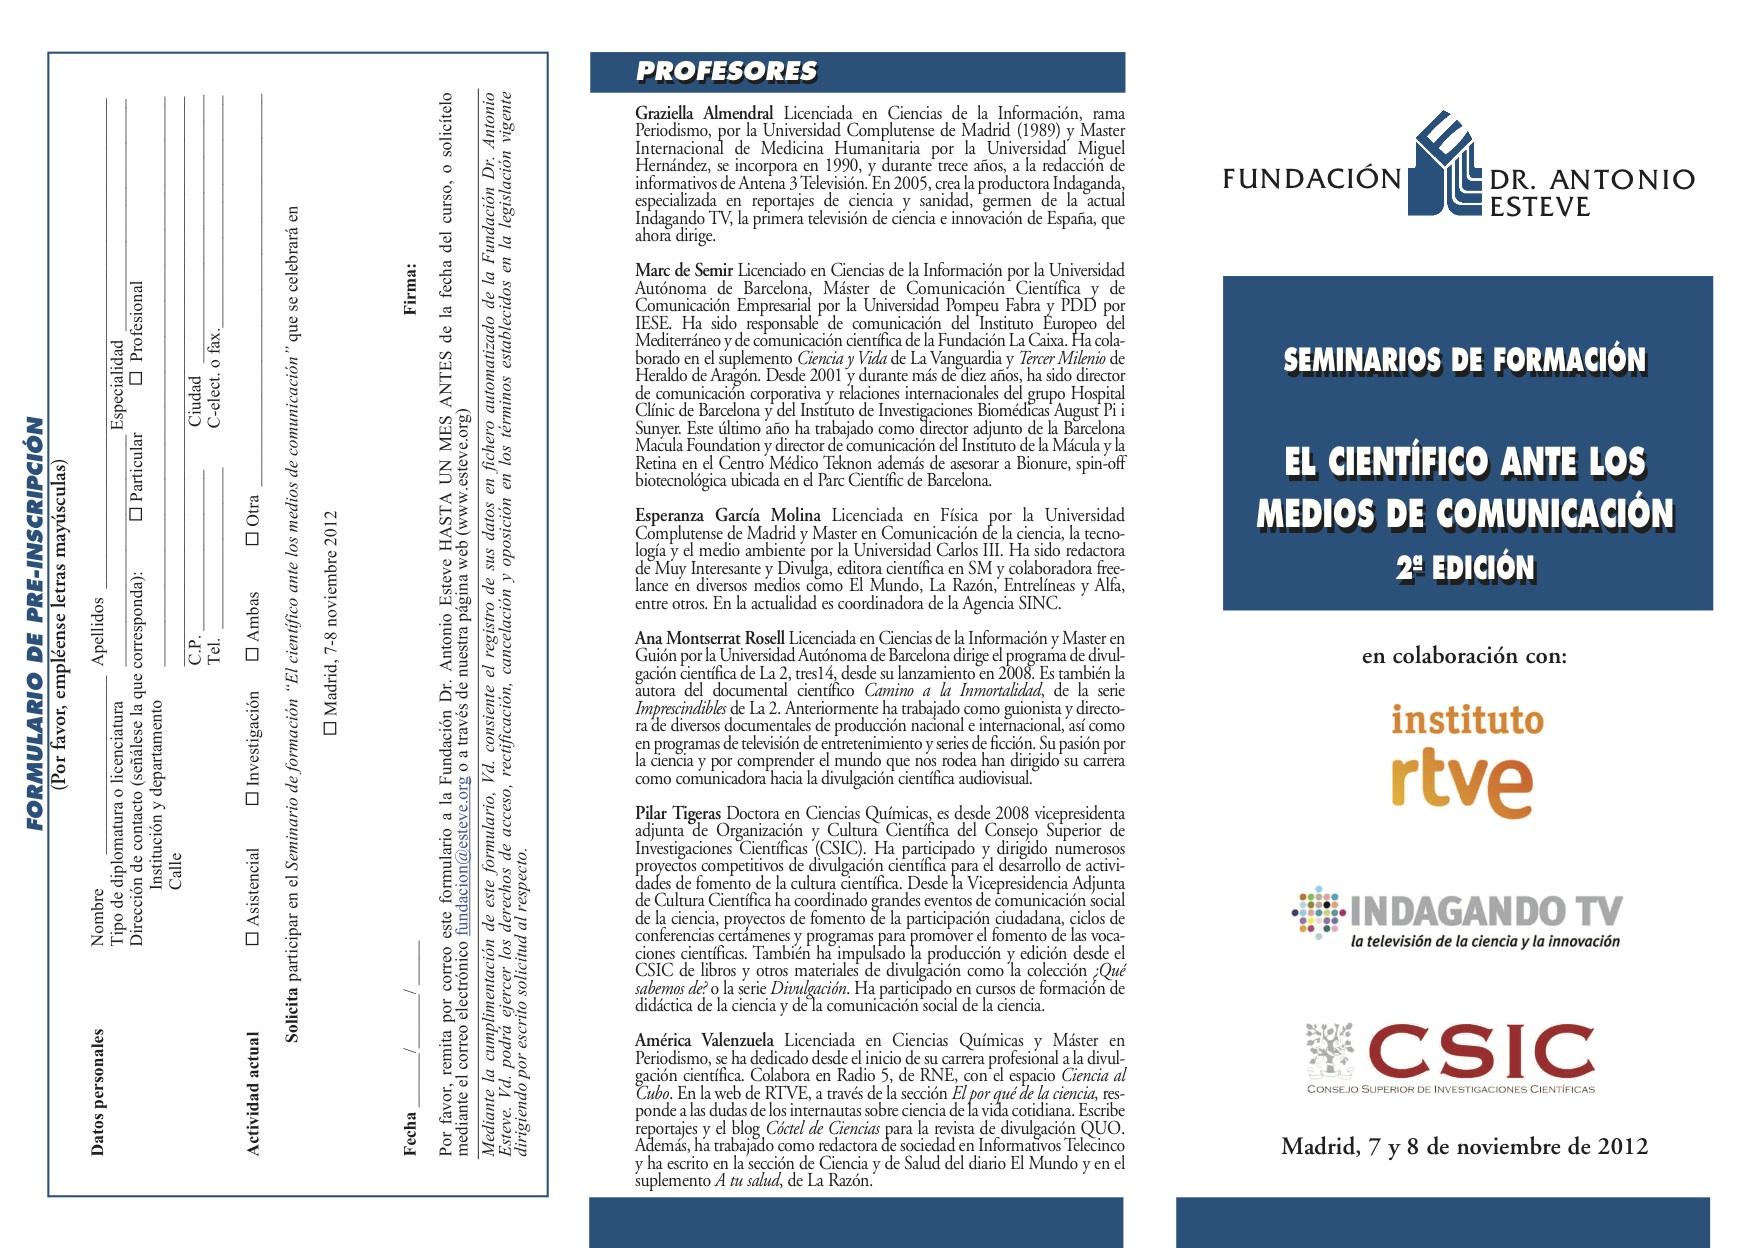 """Curso """"El científico ante los Medios de Comunicación"""" curso cientificomedios esteve 2012jpg"""